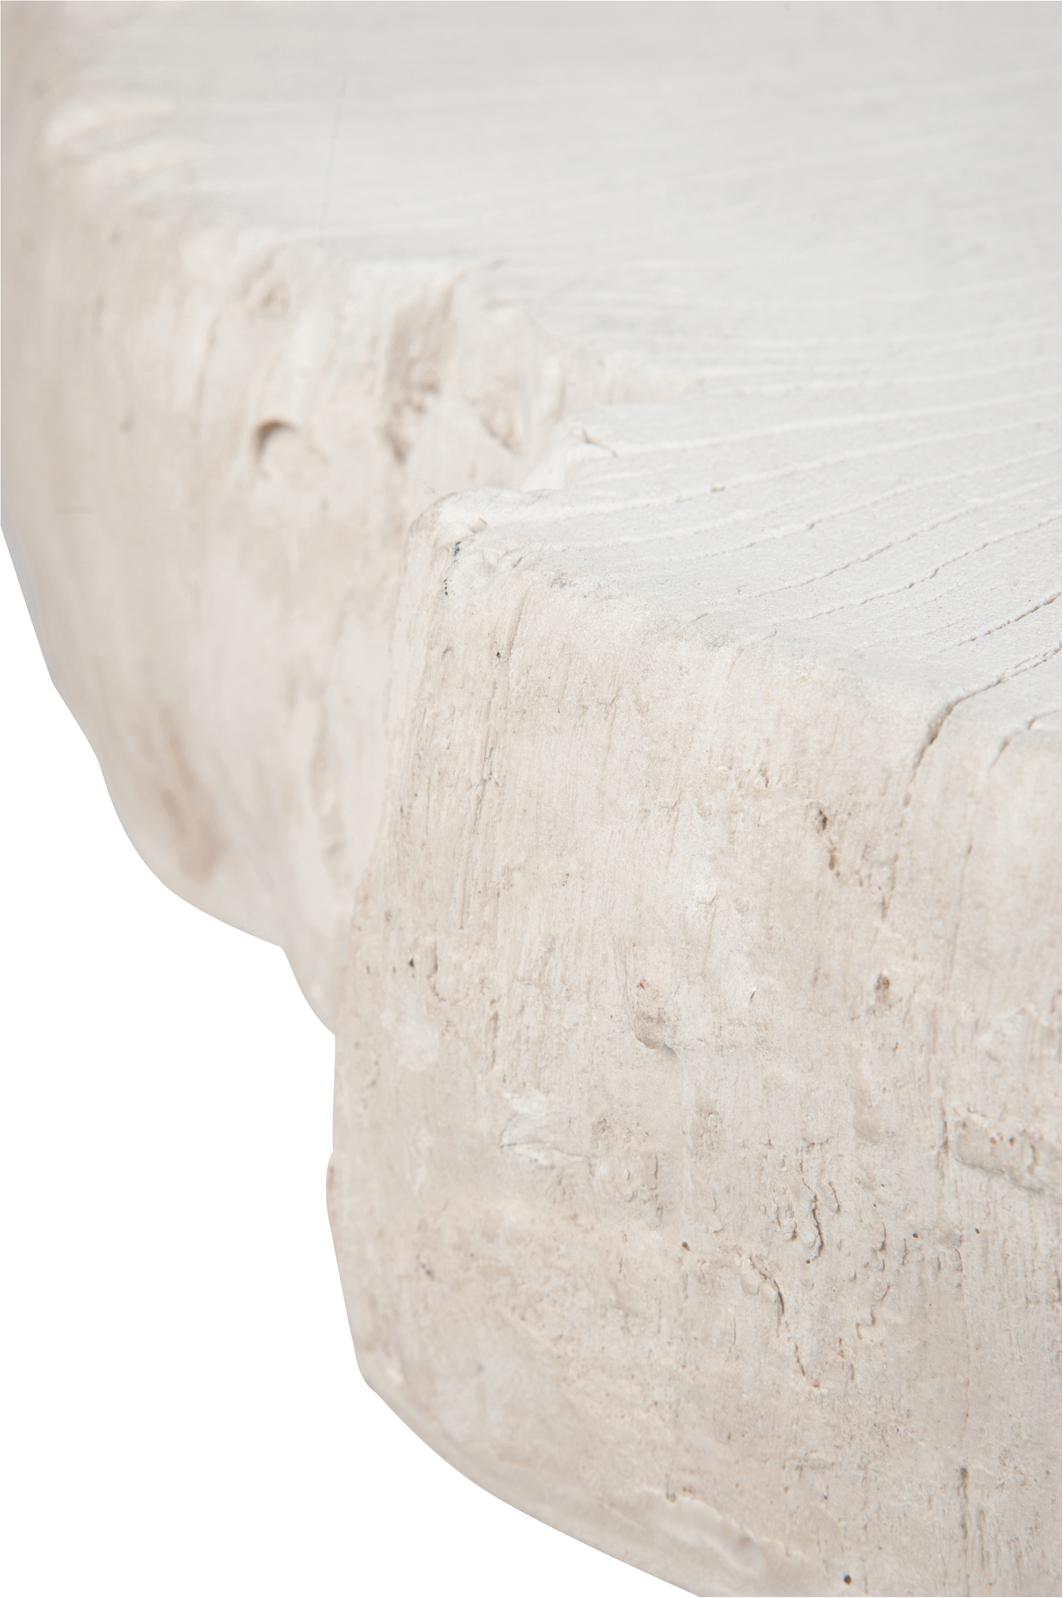 Résine Table Basse Blanche117x107x43cm En OwPkn0